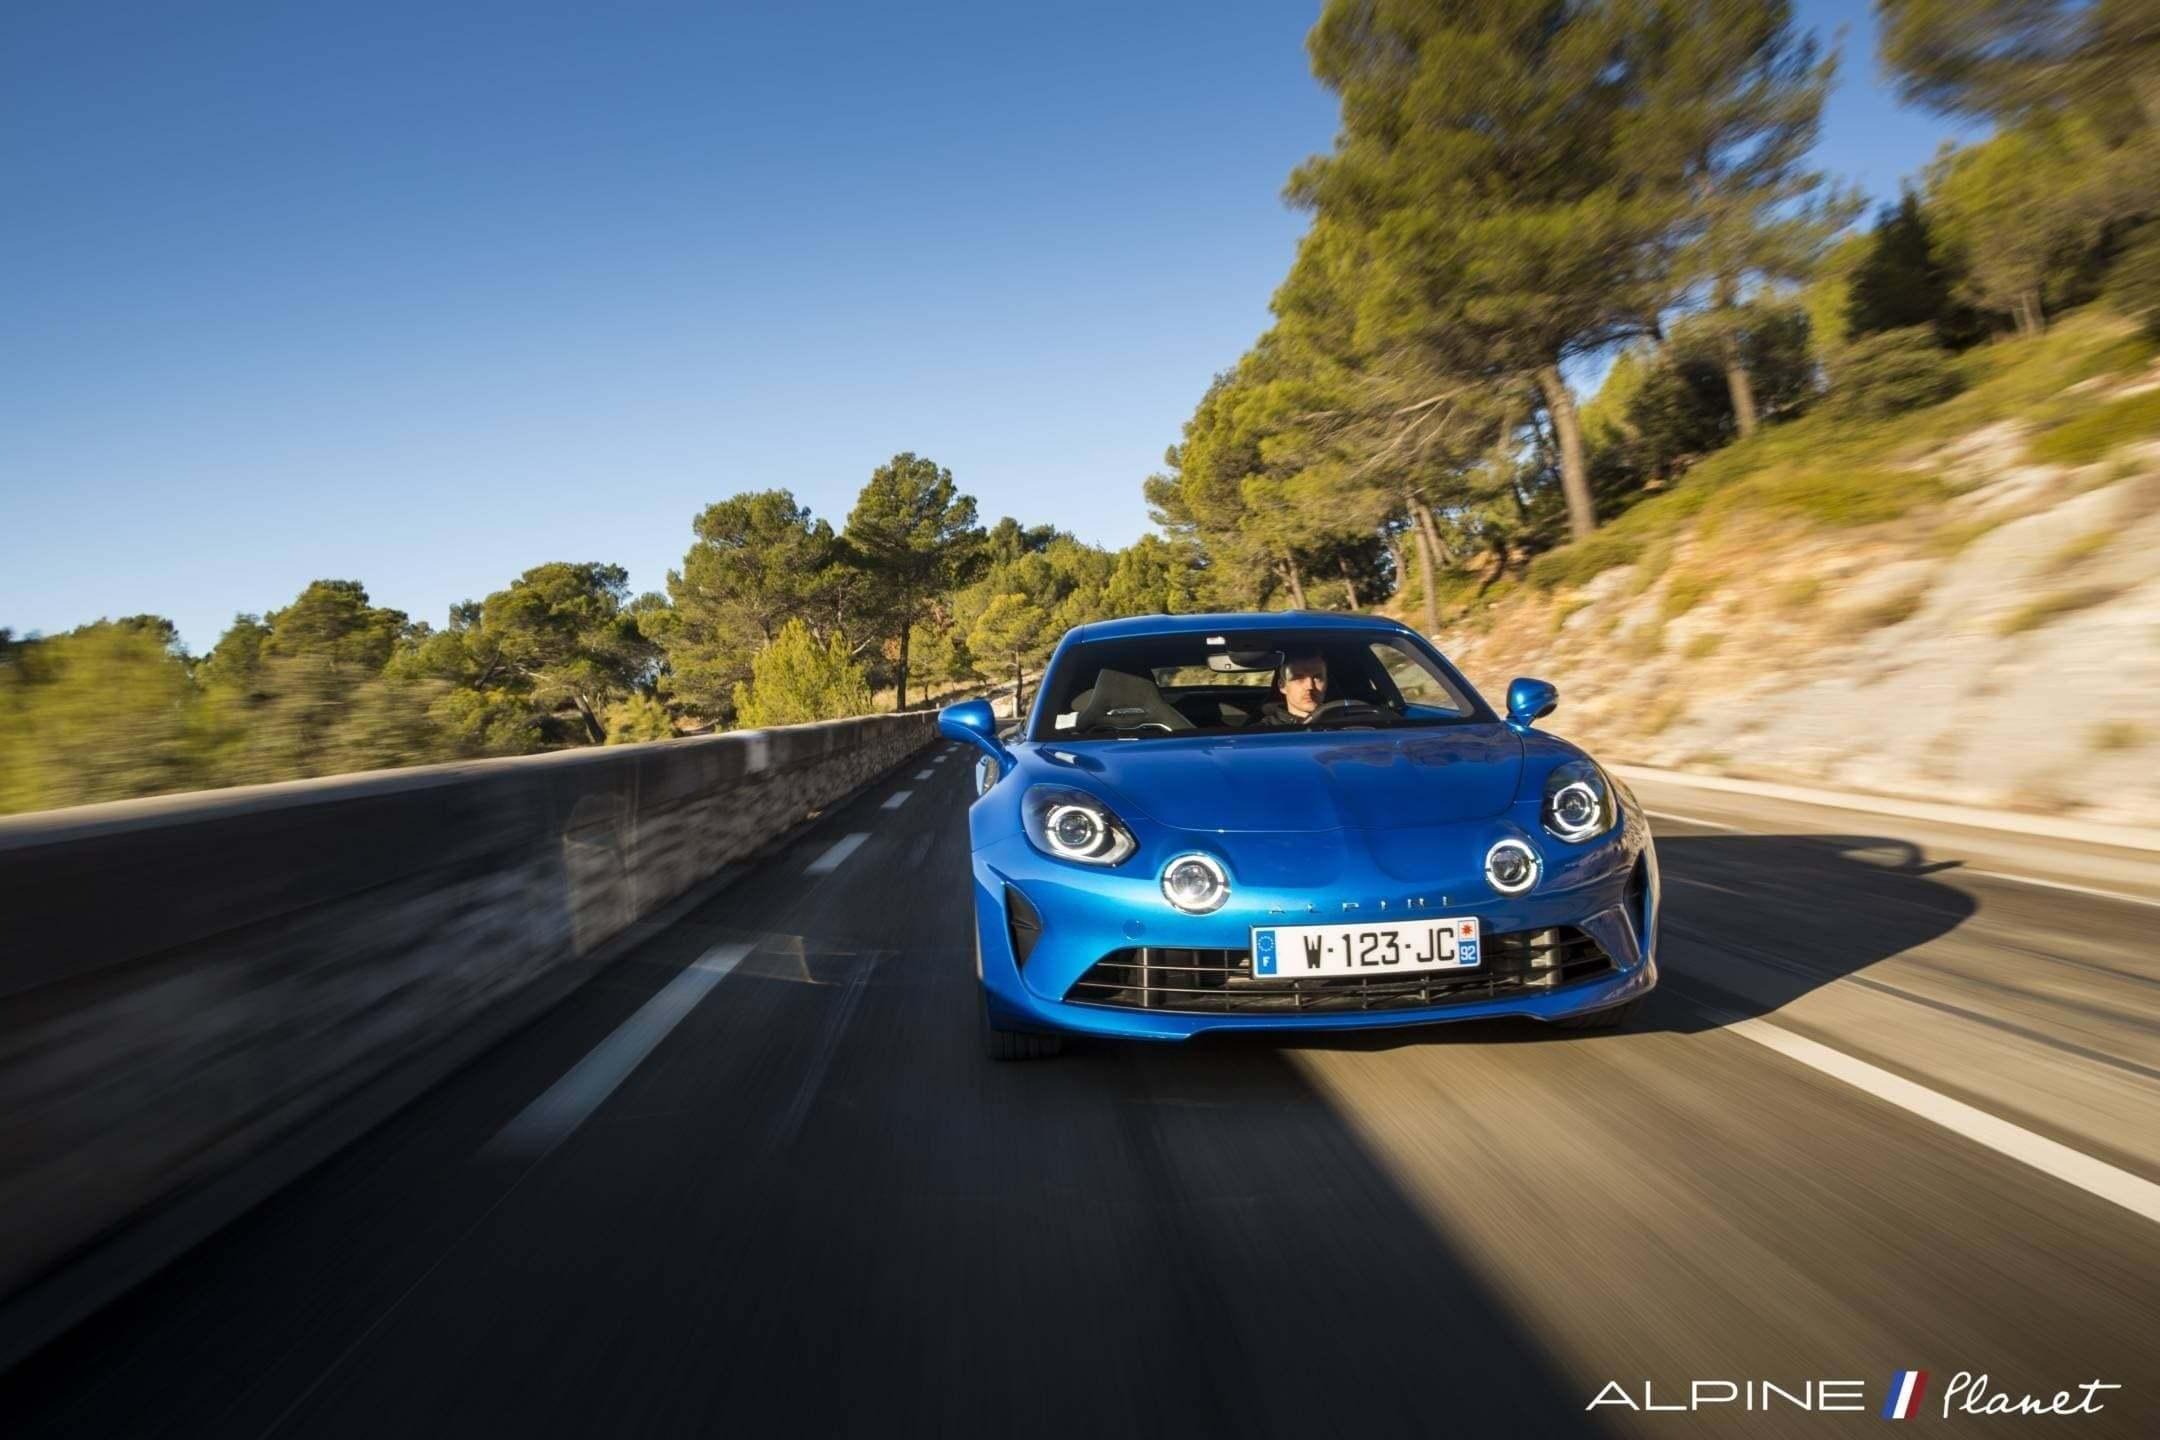 Alpine planet drive A110 2 - Notre essai de la nouvelle Alpine A110 sur route !